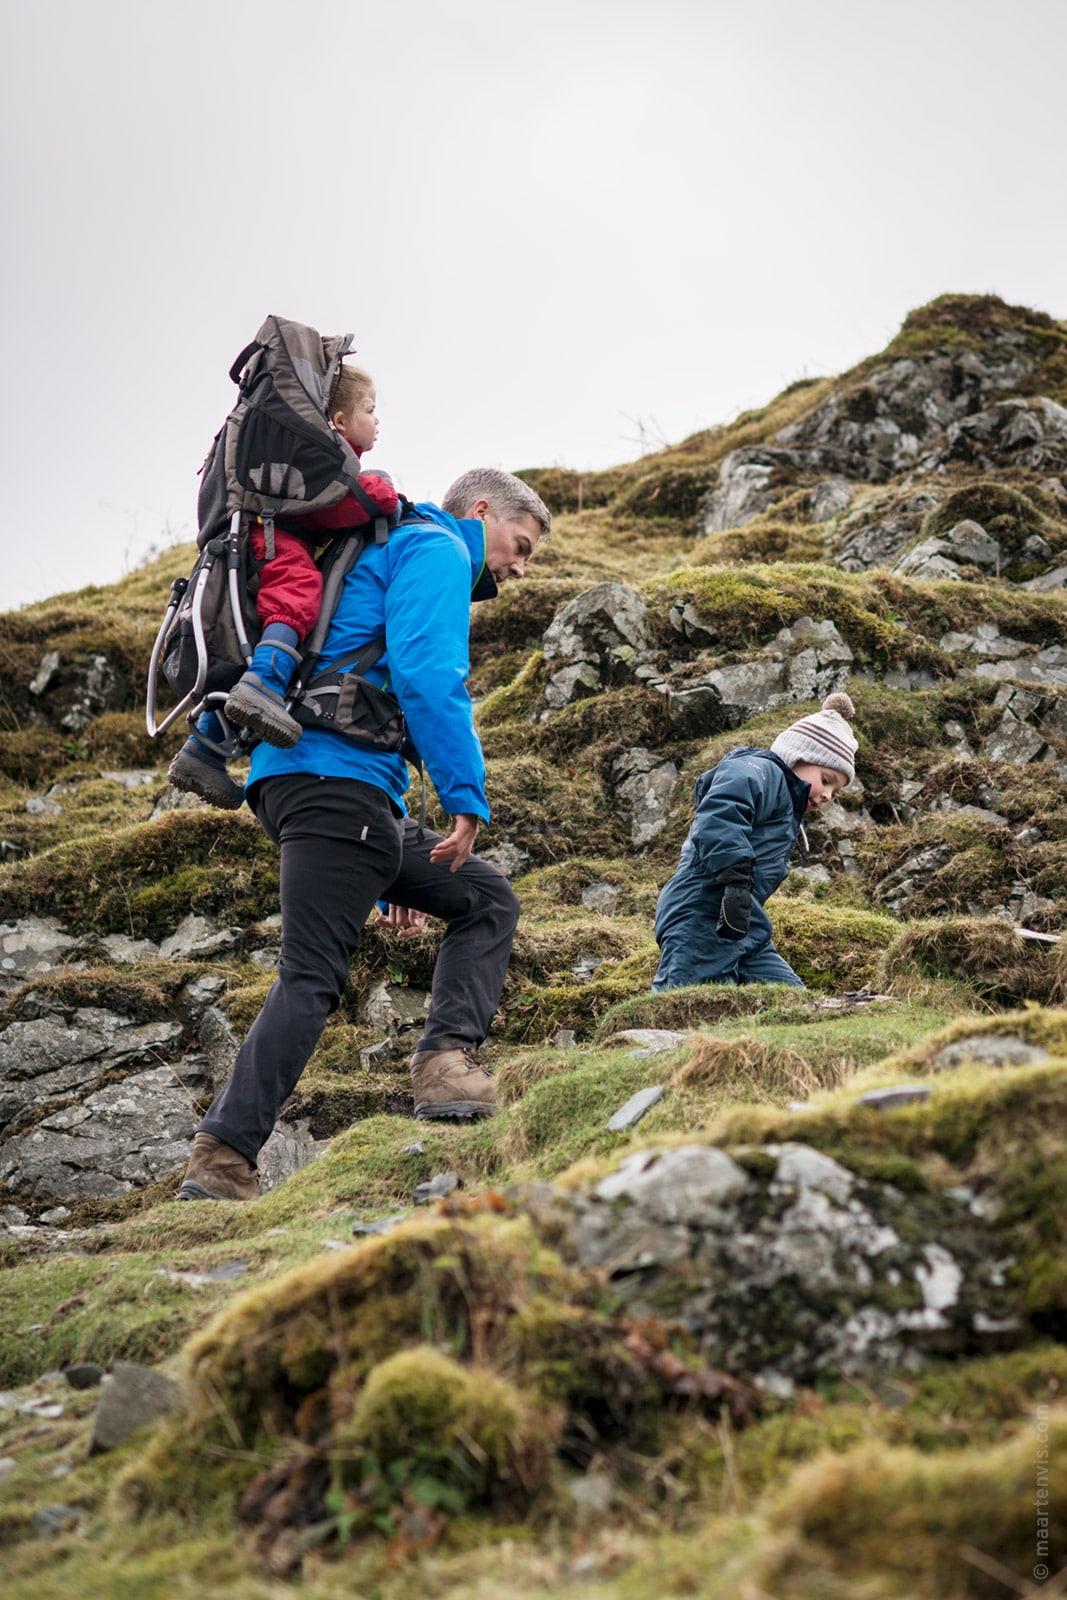 20160327 8704 - Lake District Hiking